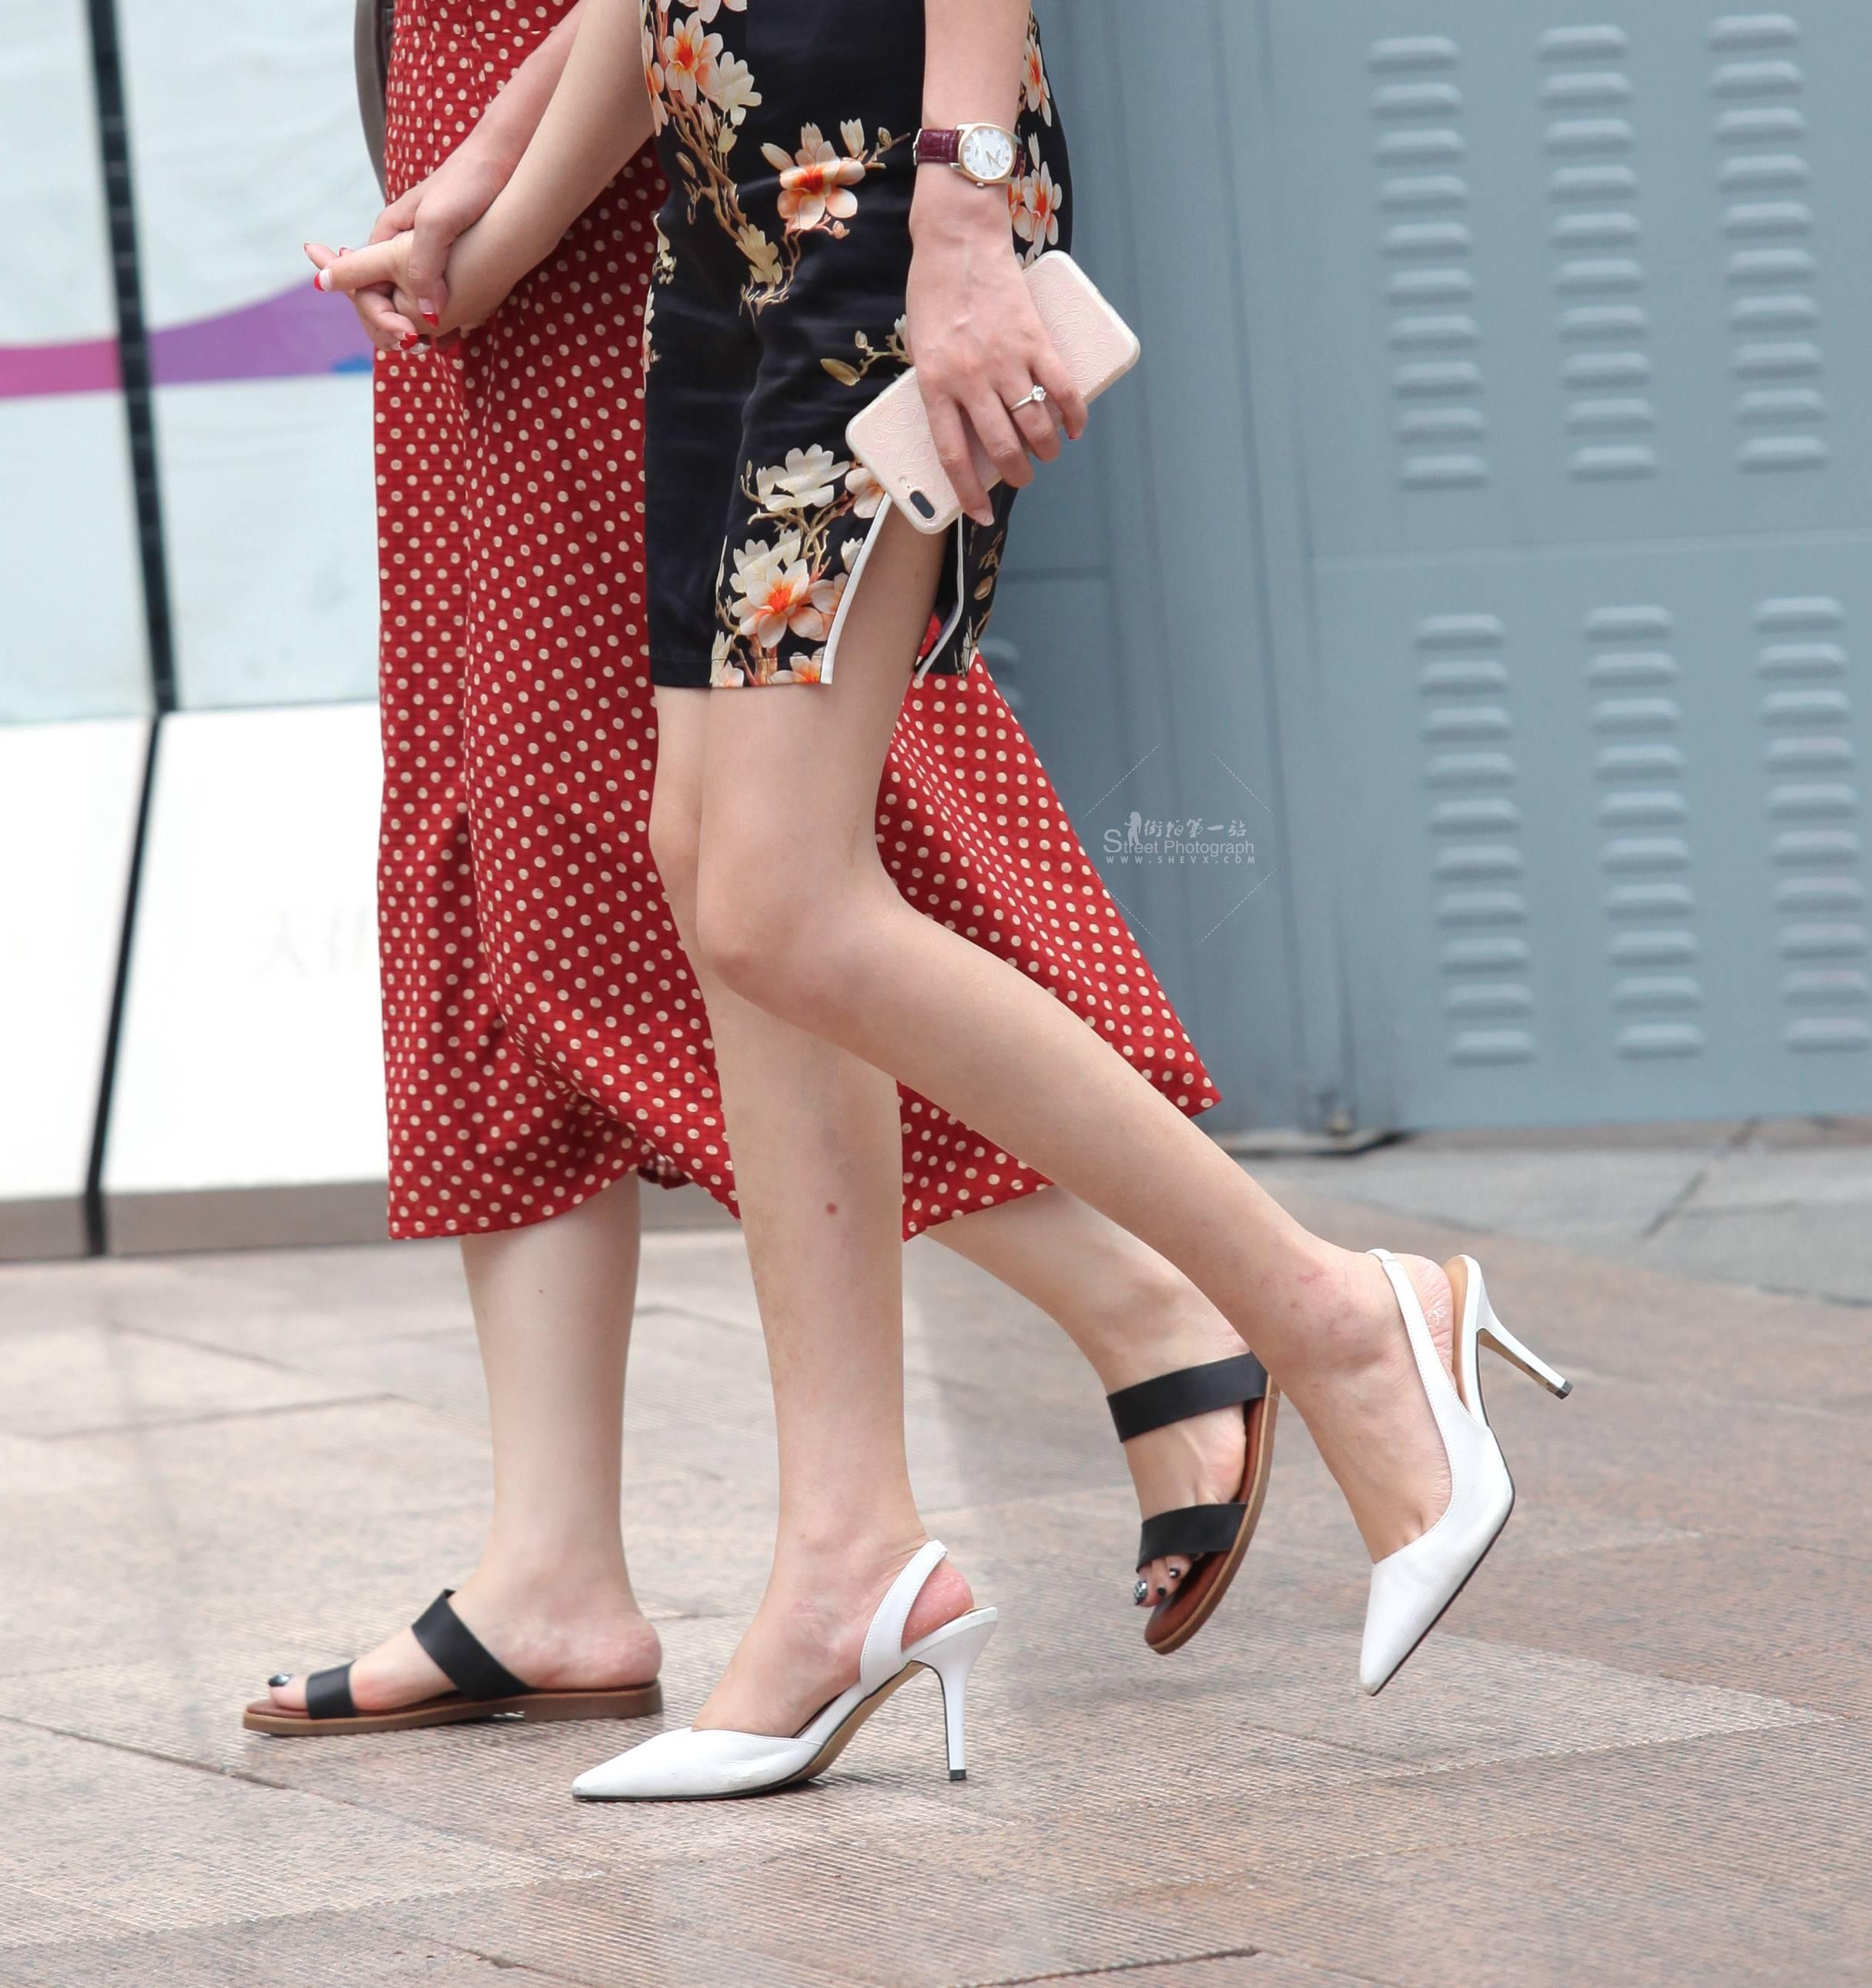 街拍长腿,街拍高跟 【珏一笑而过】 长腿旗袍高跟 最新街拍丝袜图片 街拍丝袜第一站